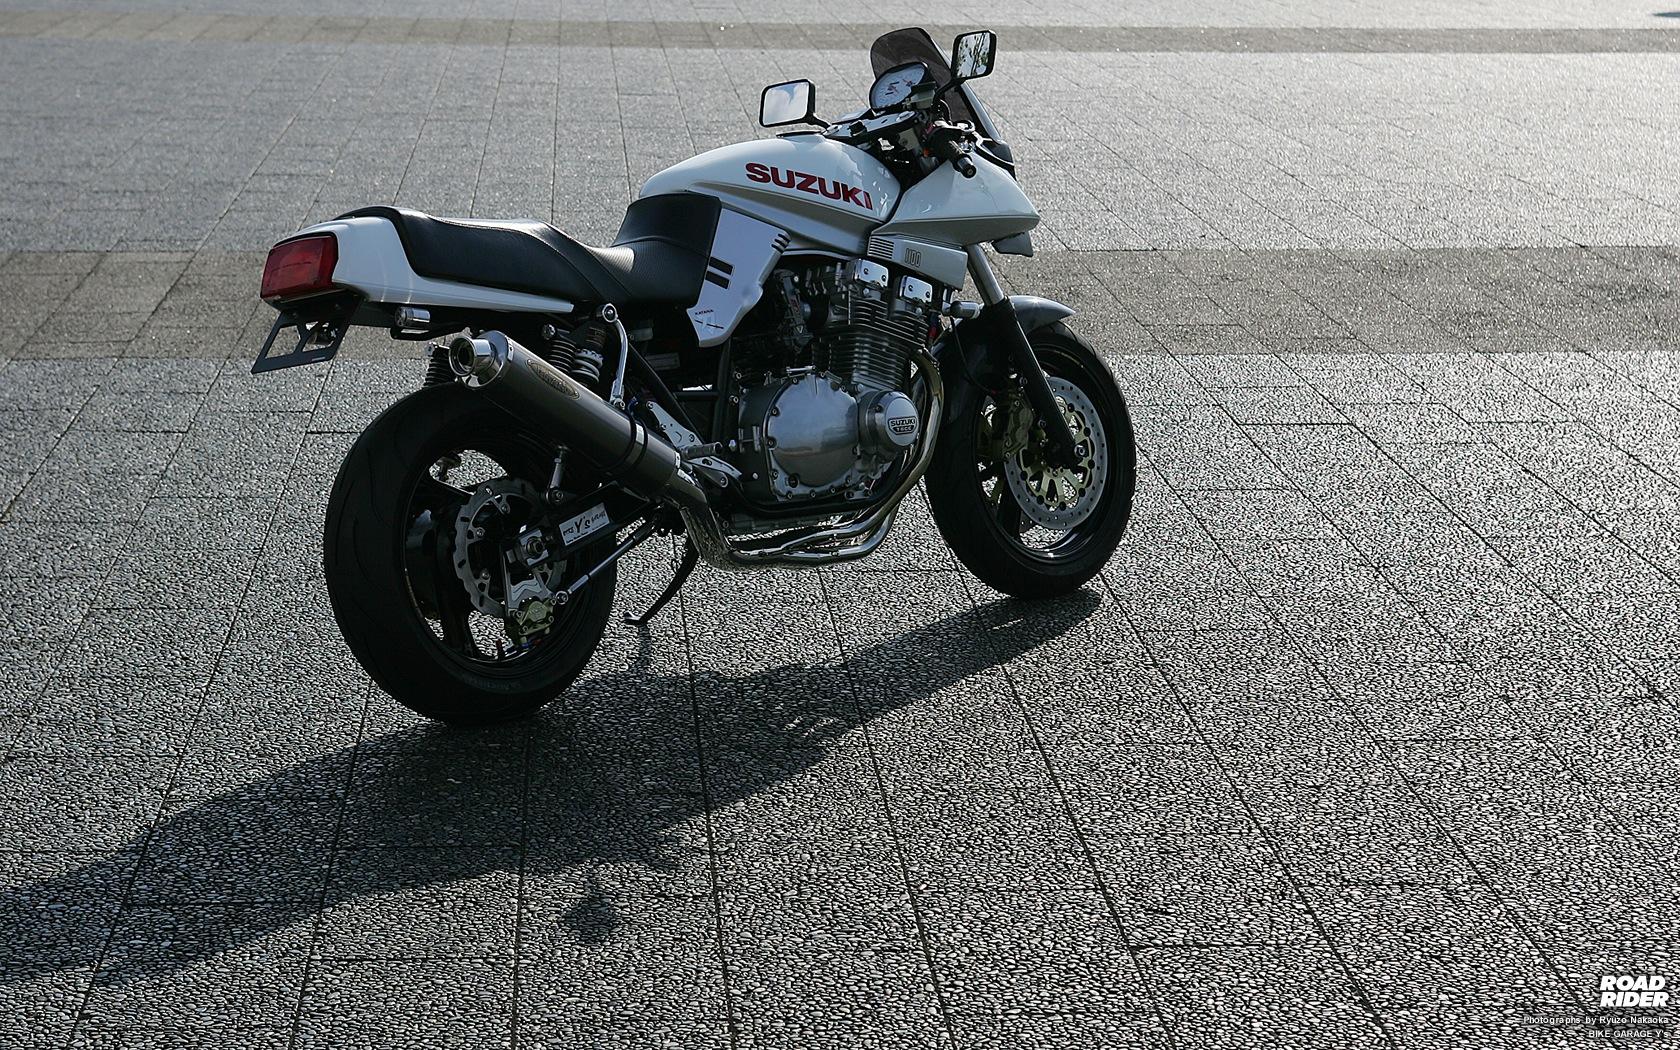 スズキ Gsx1100s バイク壁紙集 バイクブロス